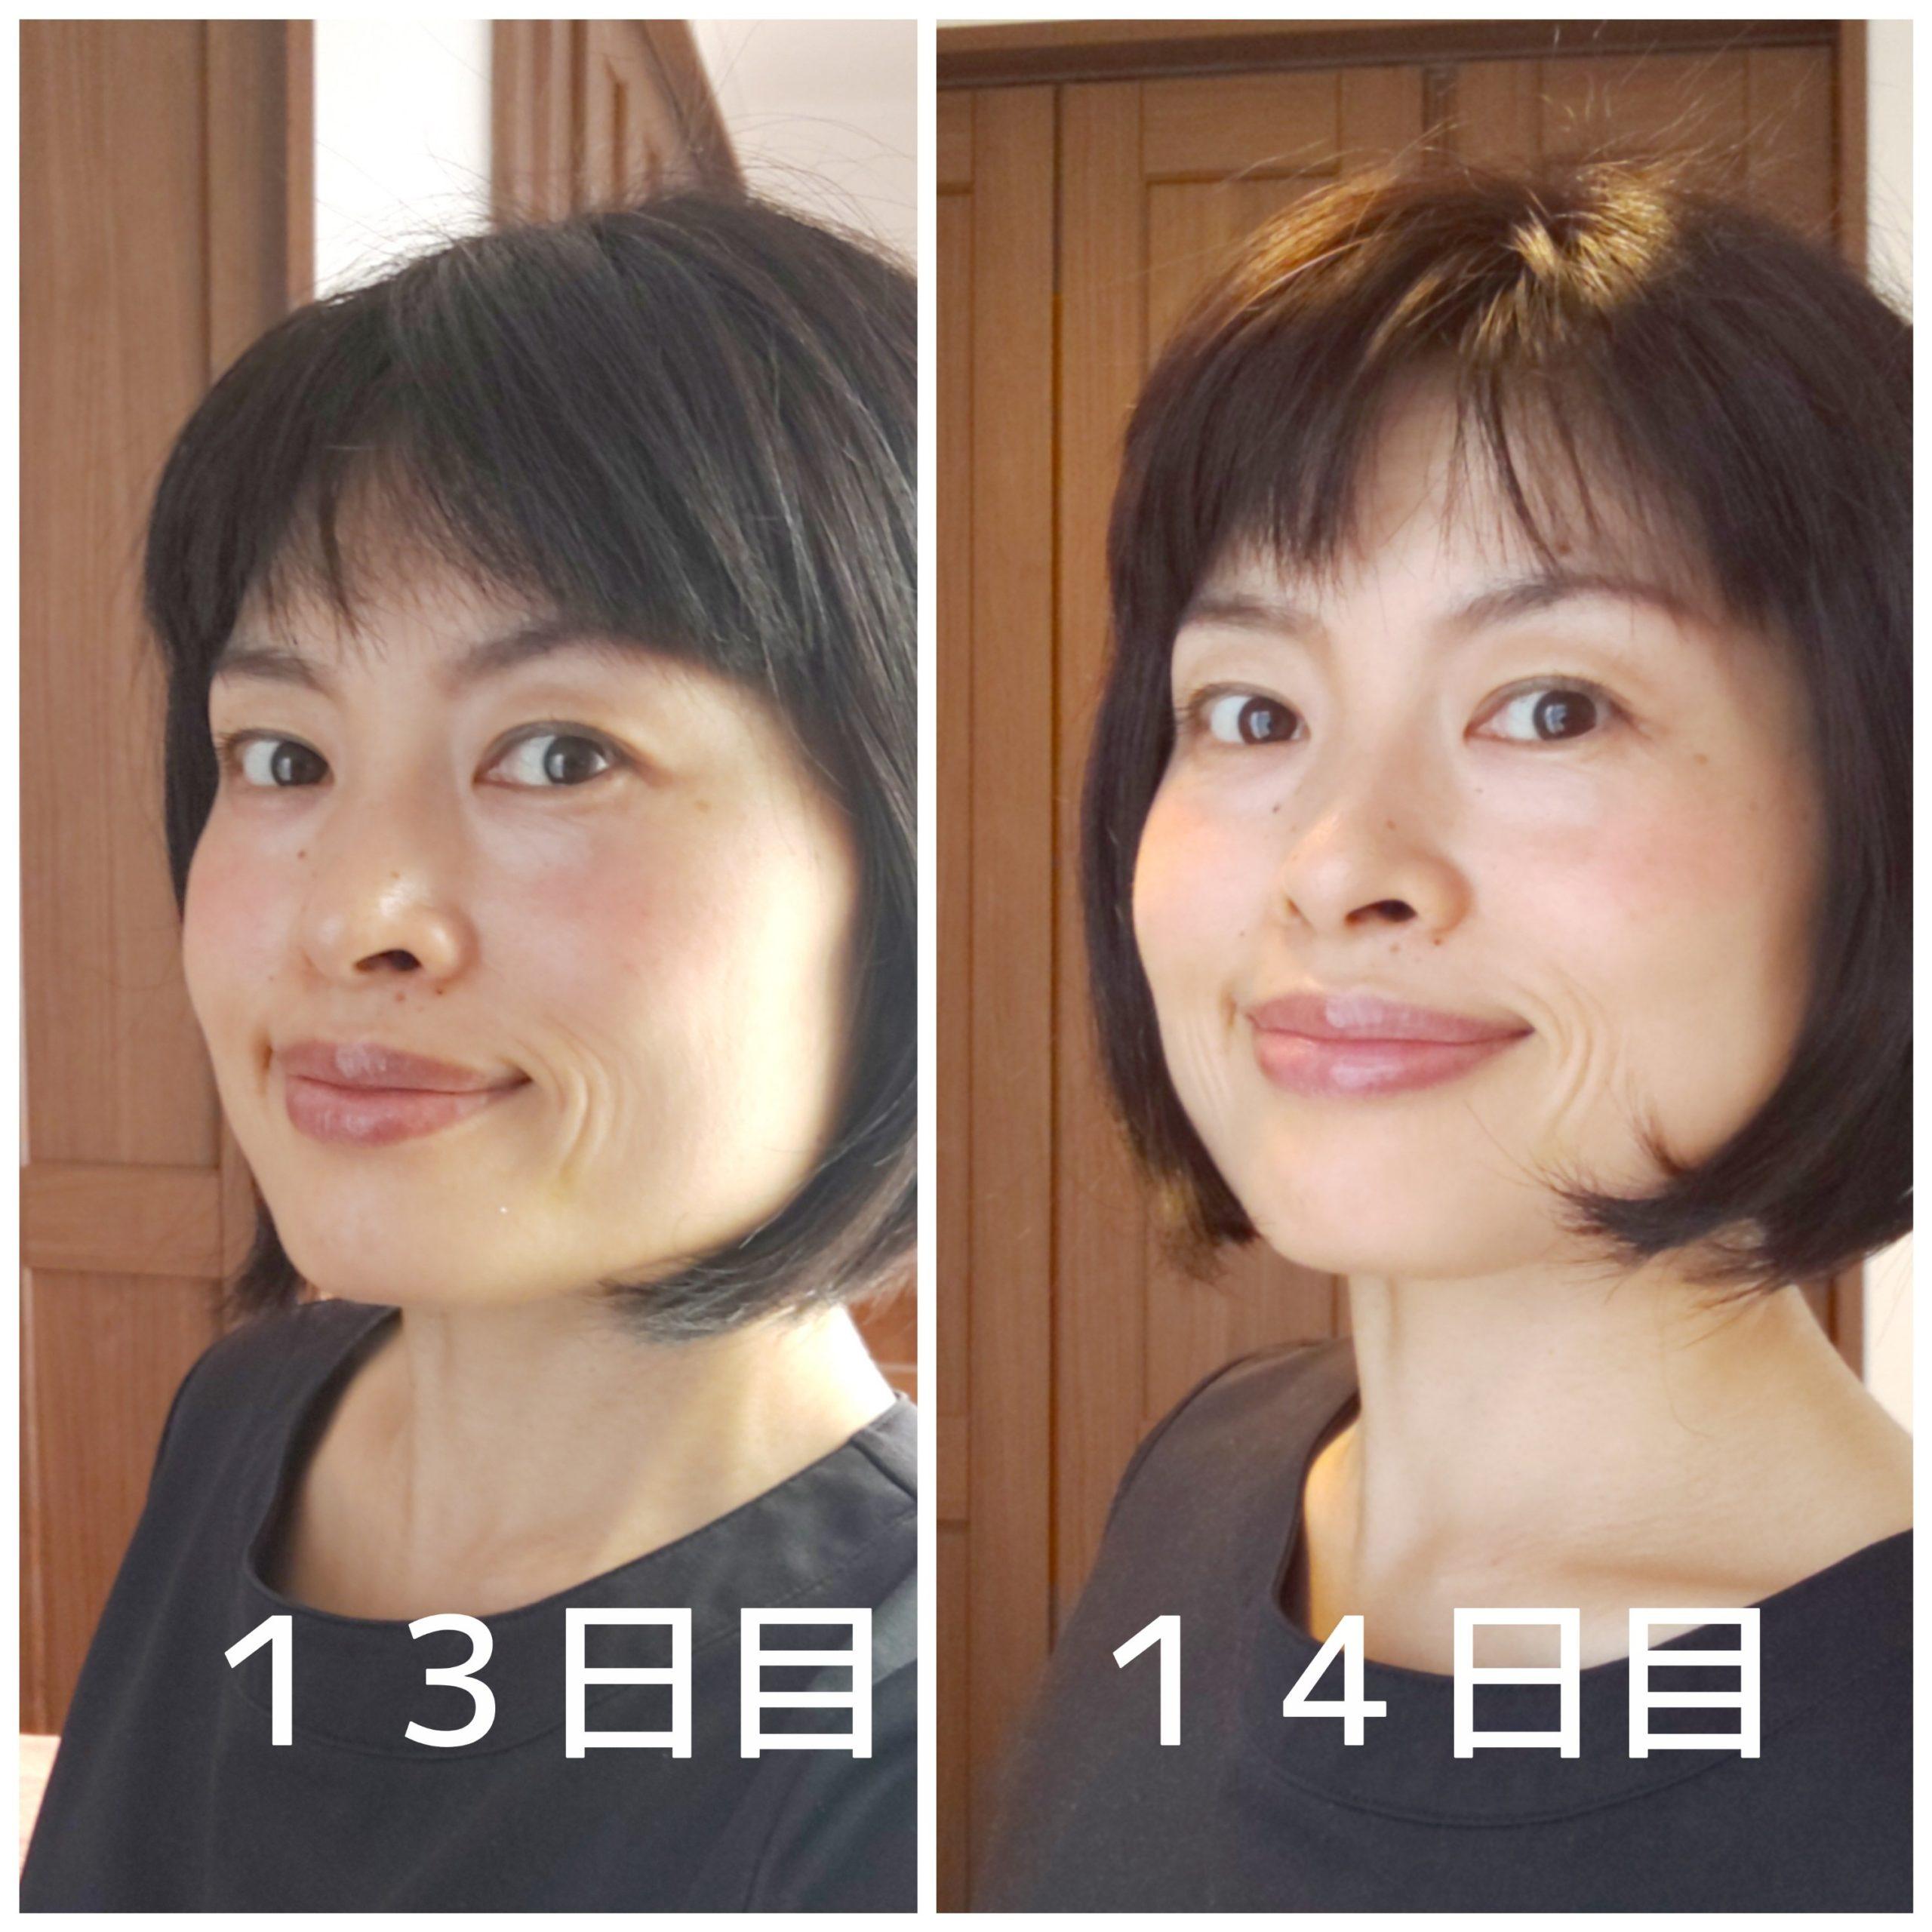 内出血後14日目の顔写真